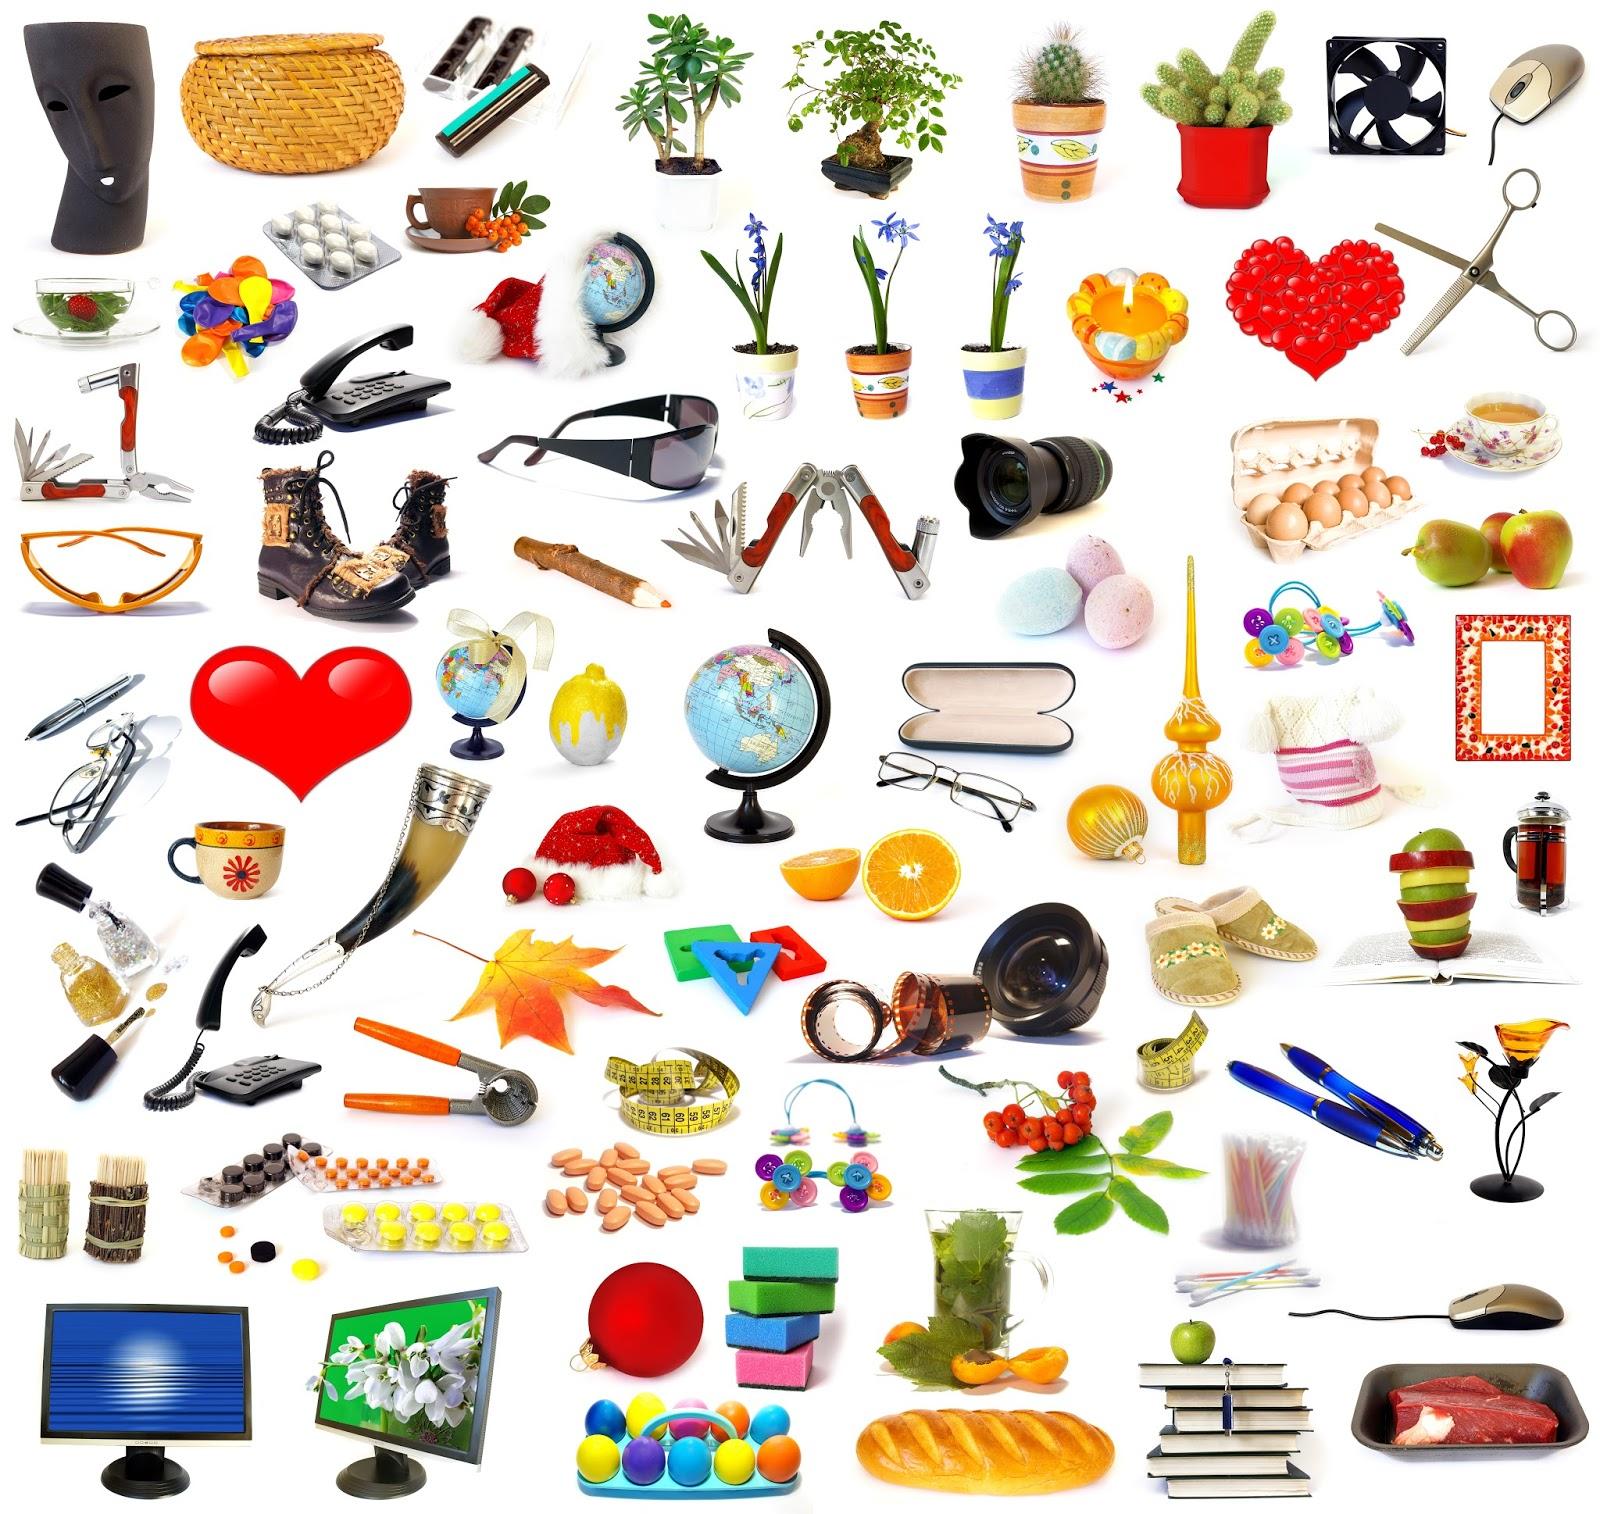 Banco de im genes 100 art culos de oficina cocina y for Articulos de oficina